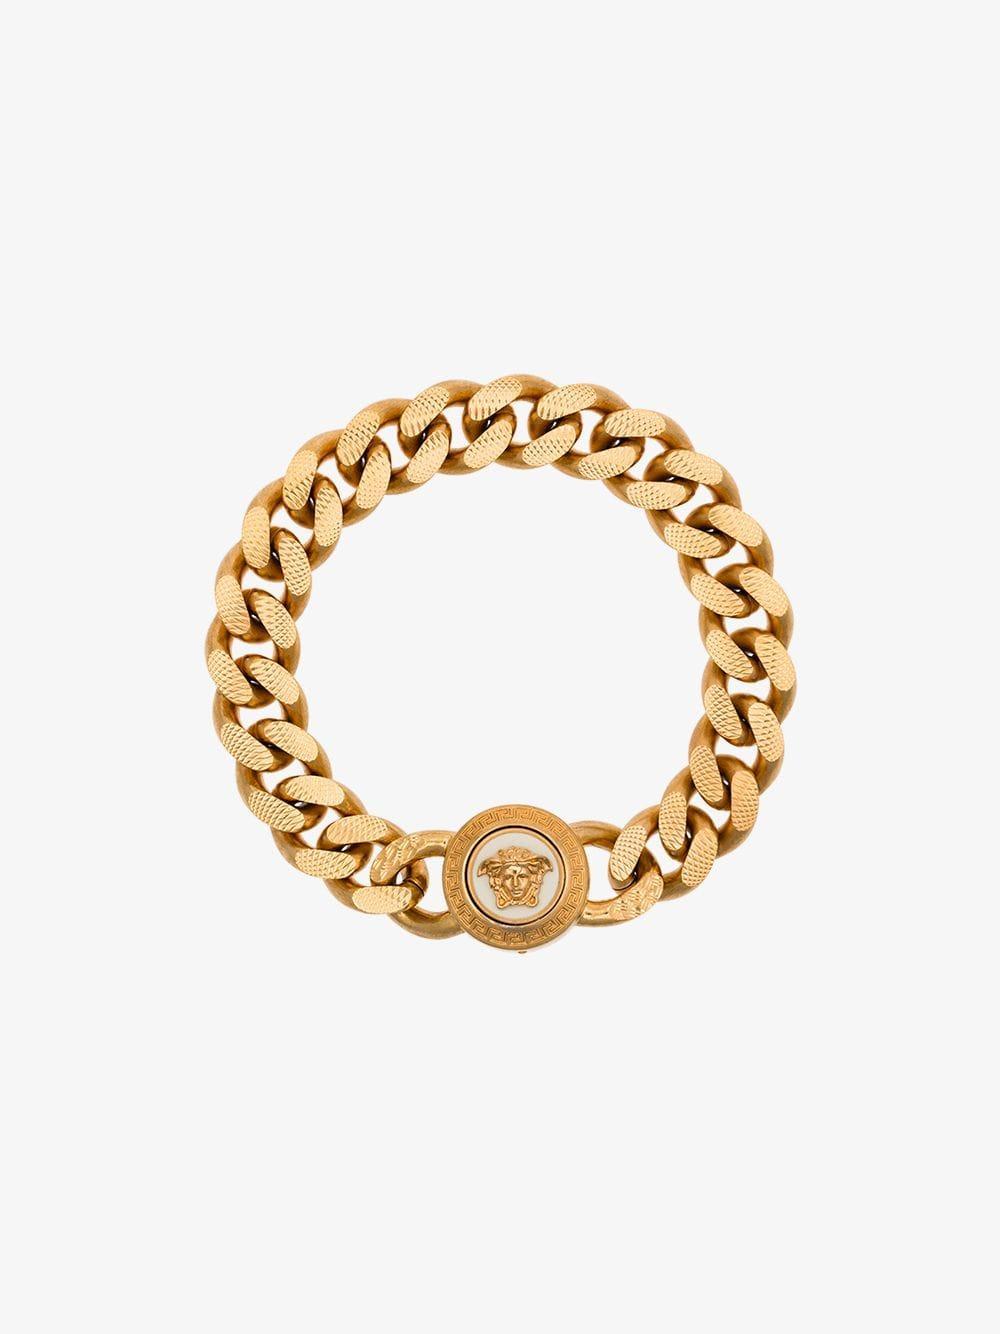 d9cbd82d80f4 Lyst - Versace Gold Medusa Chain Bracelet in Metallic for Men